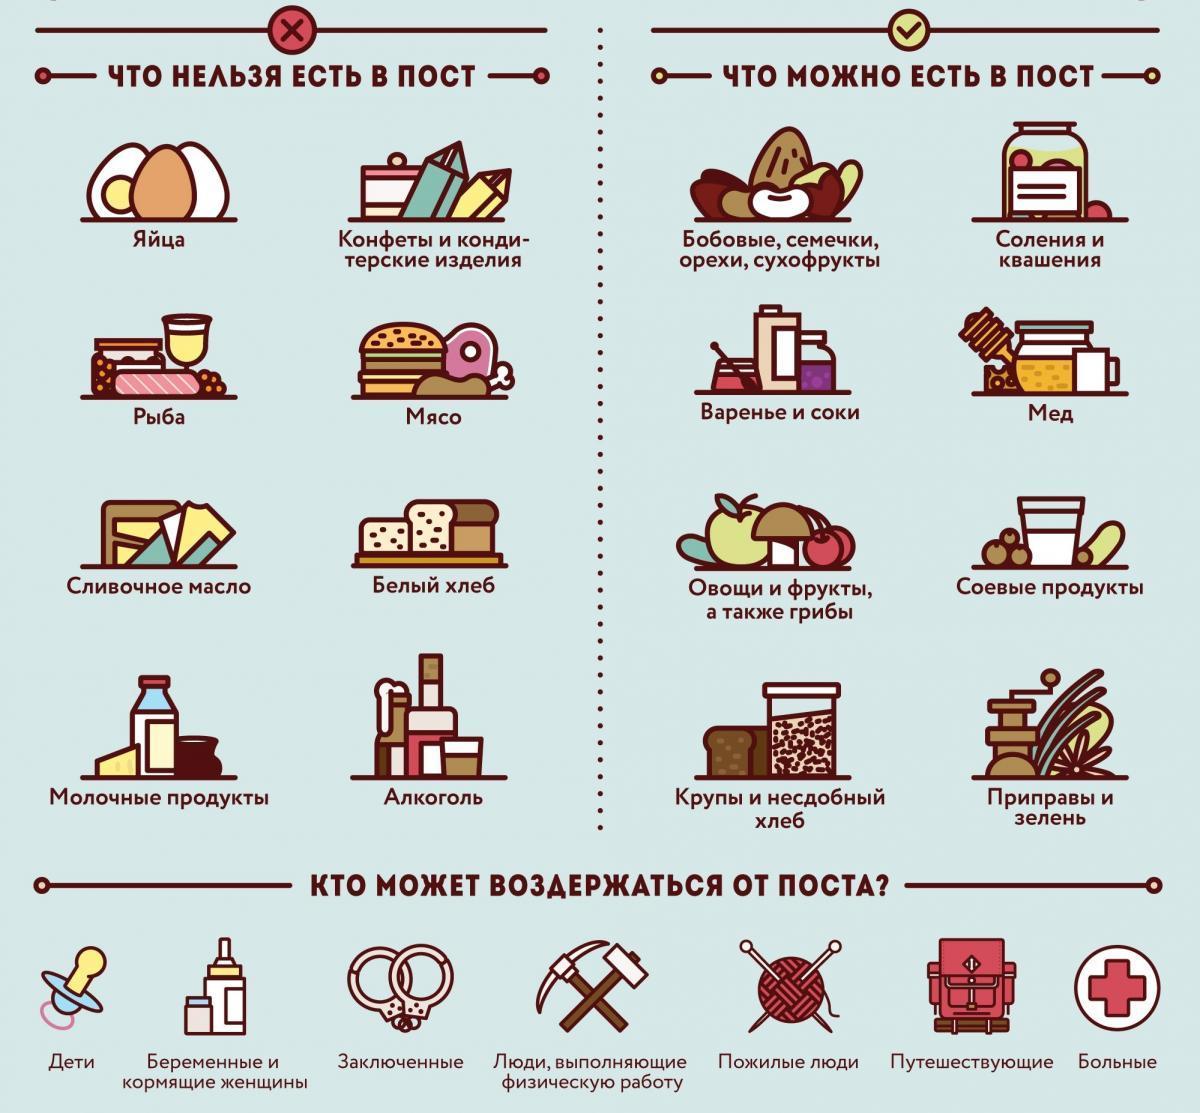 Календар харчування у Великий піст по днях / фото kleo.ru